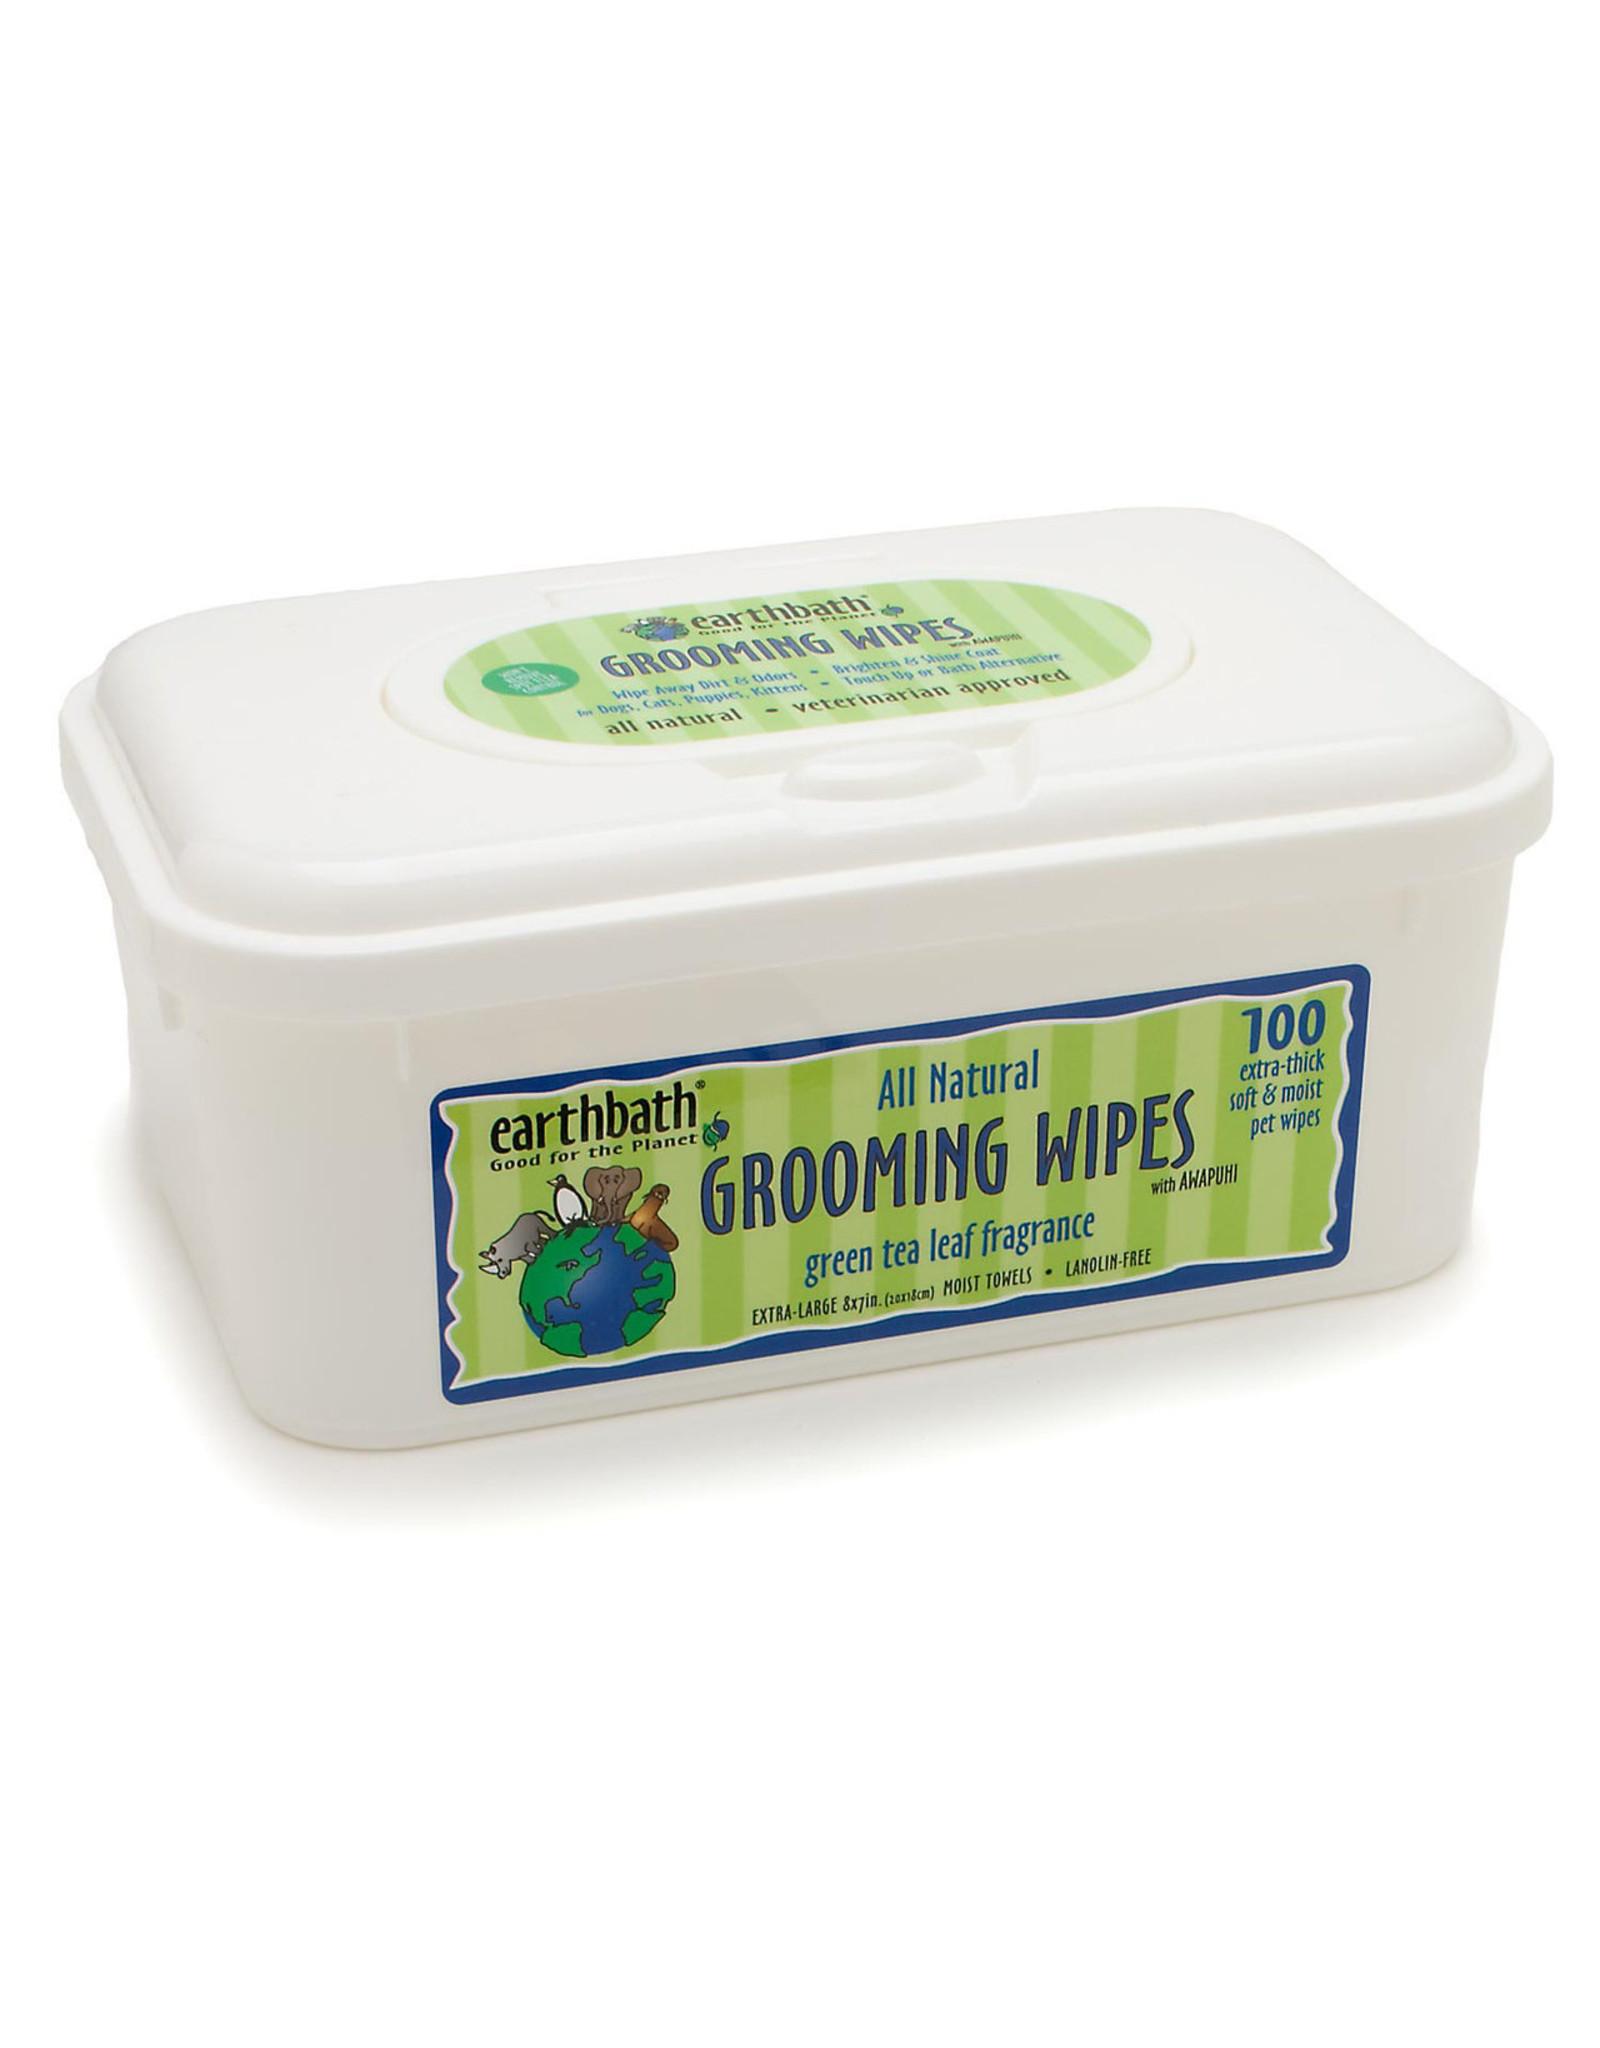 Earthbath Earthbath Grooming Wipes Green Tea Awapuhi 100ct